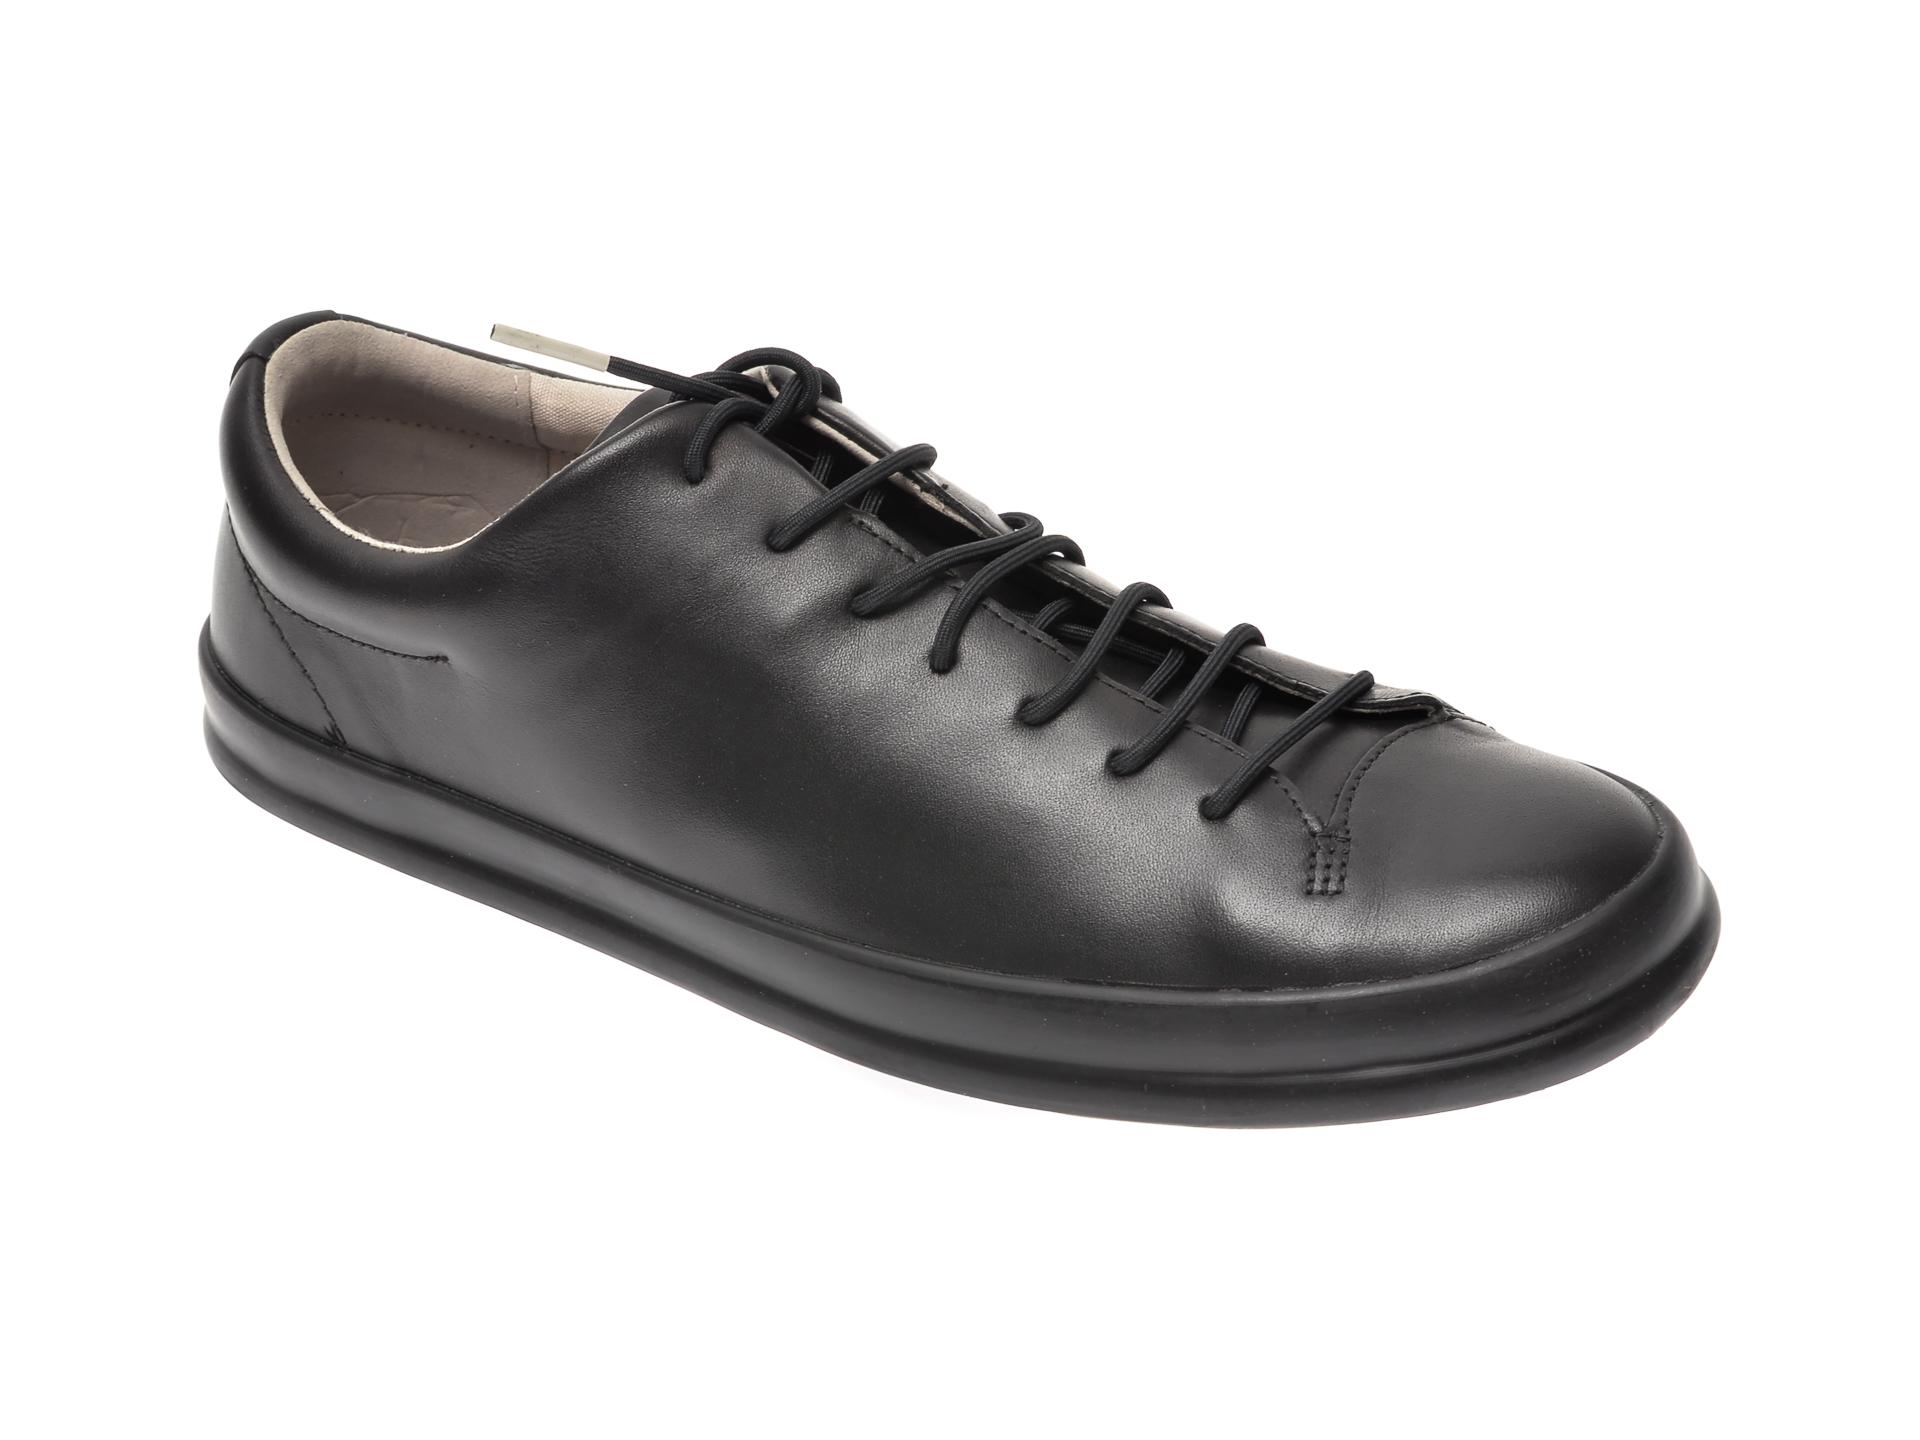 Pantofi CAMPER negri, K100373, din piele naturala imagine